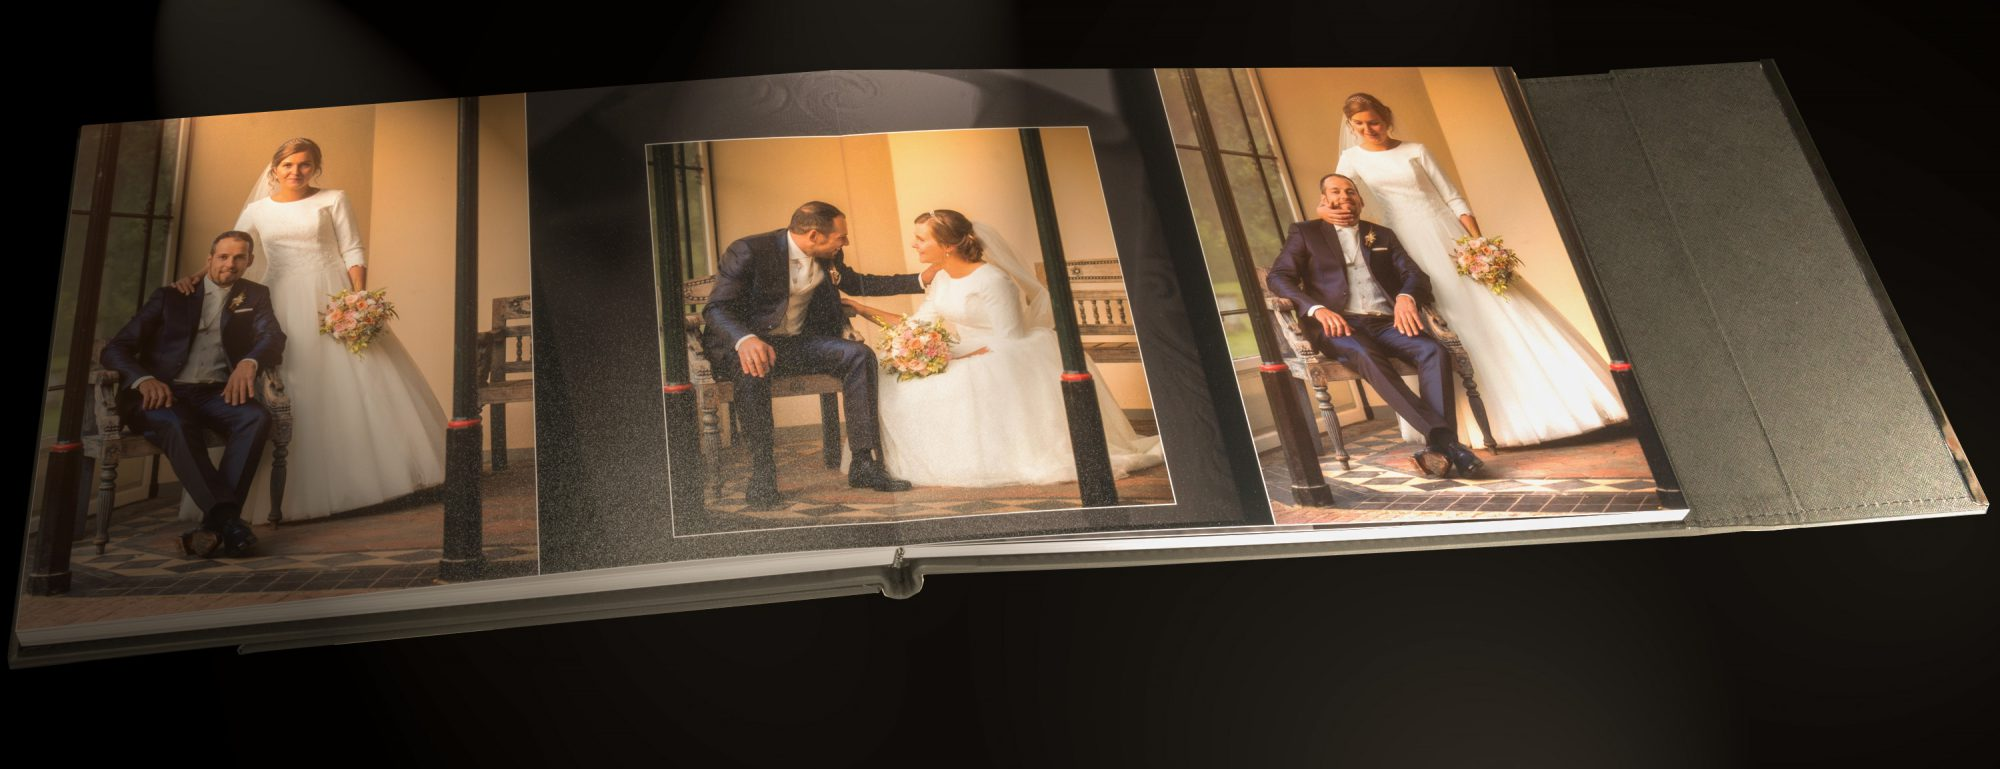 bruidsfotografie Wouter van Middendorp Uddel Gelderland-21 trouwalbum 2